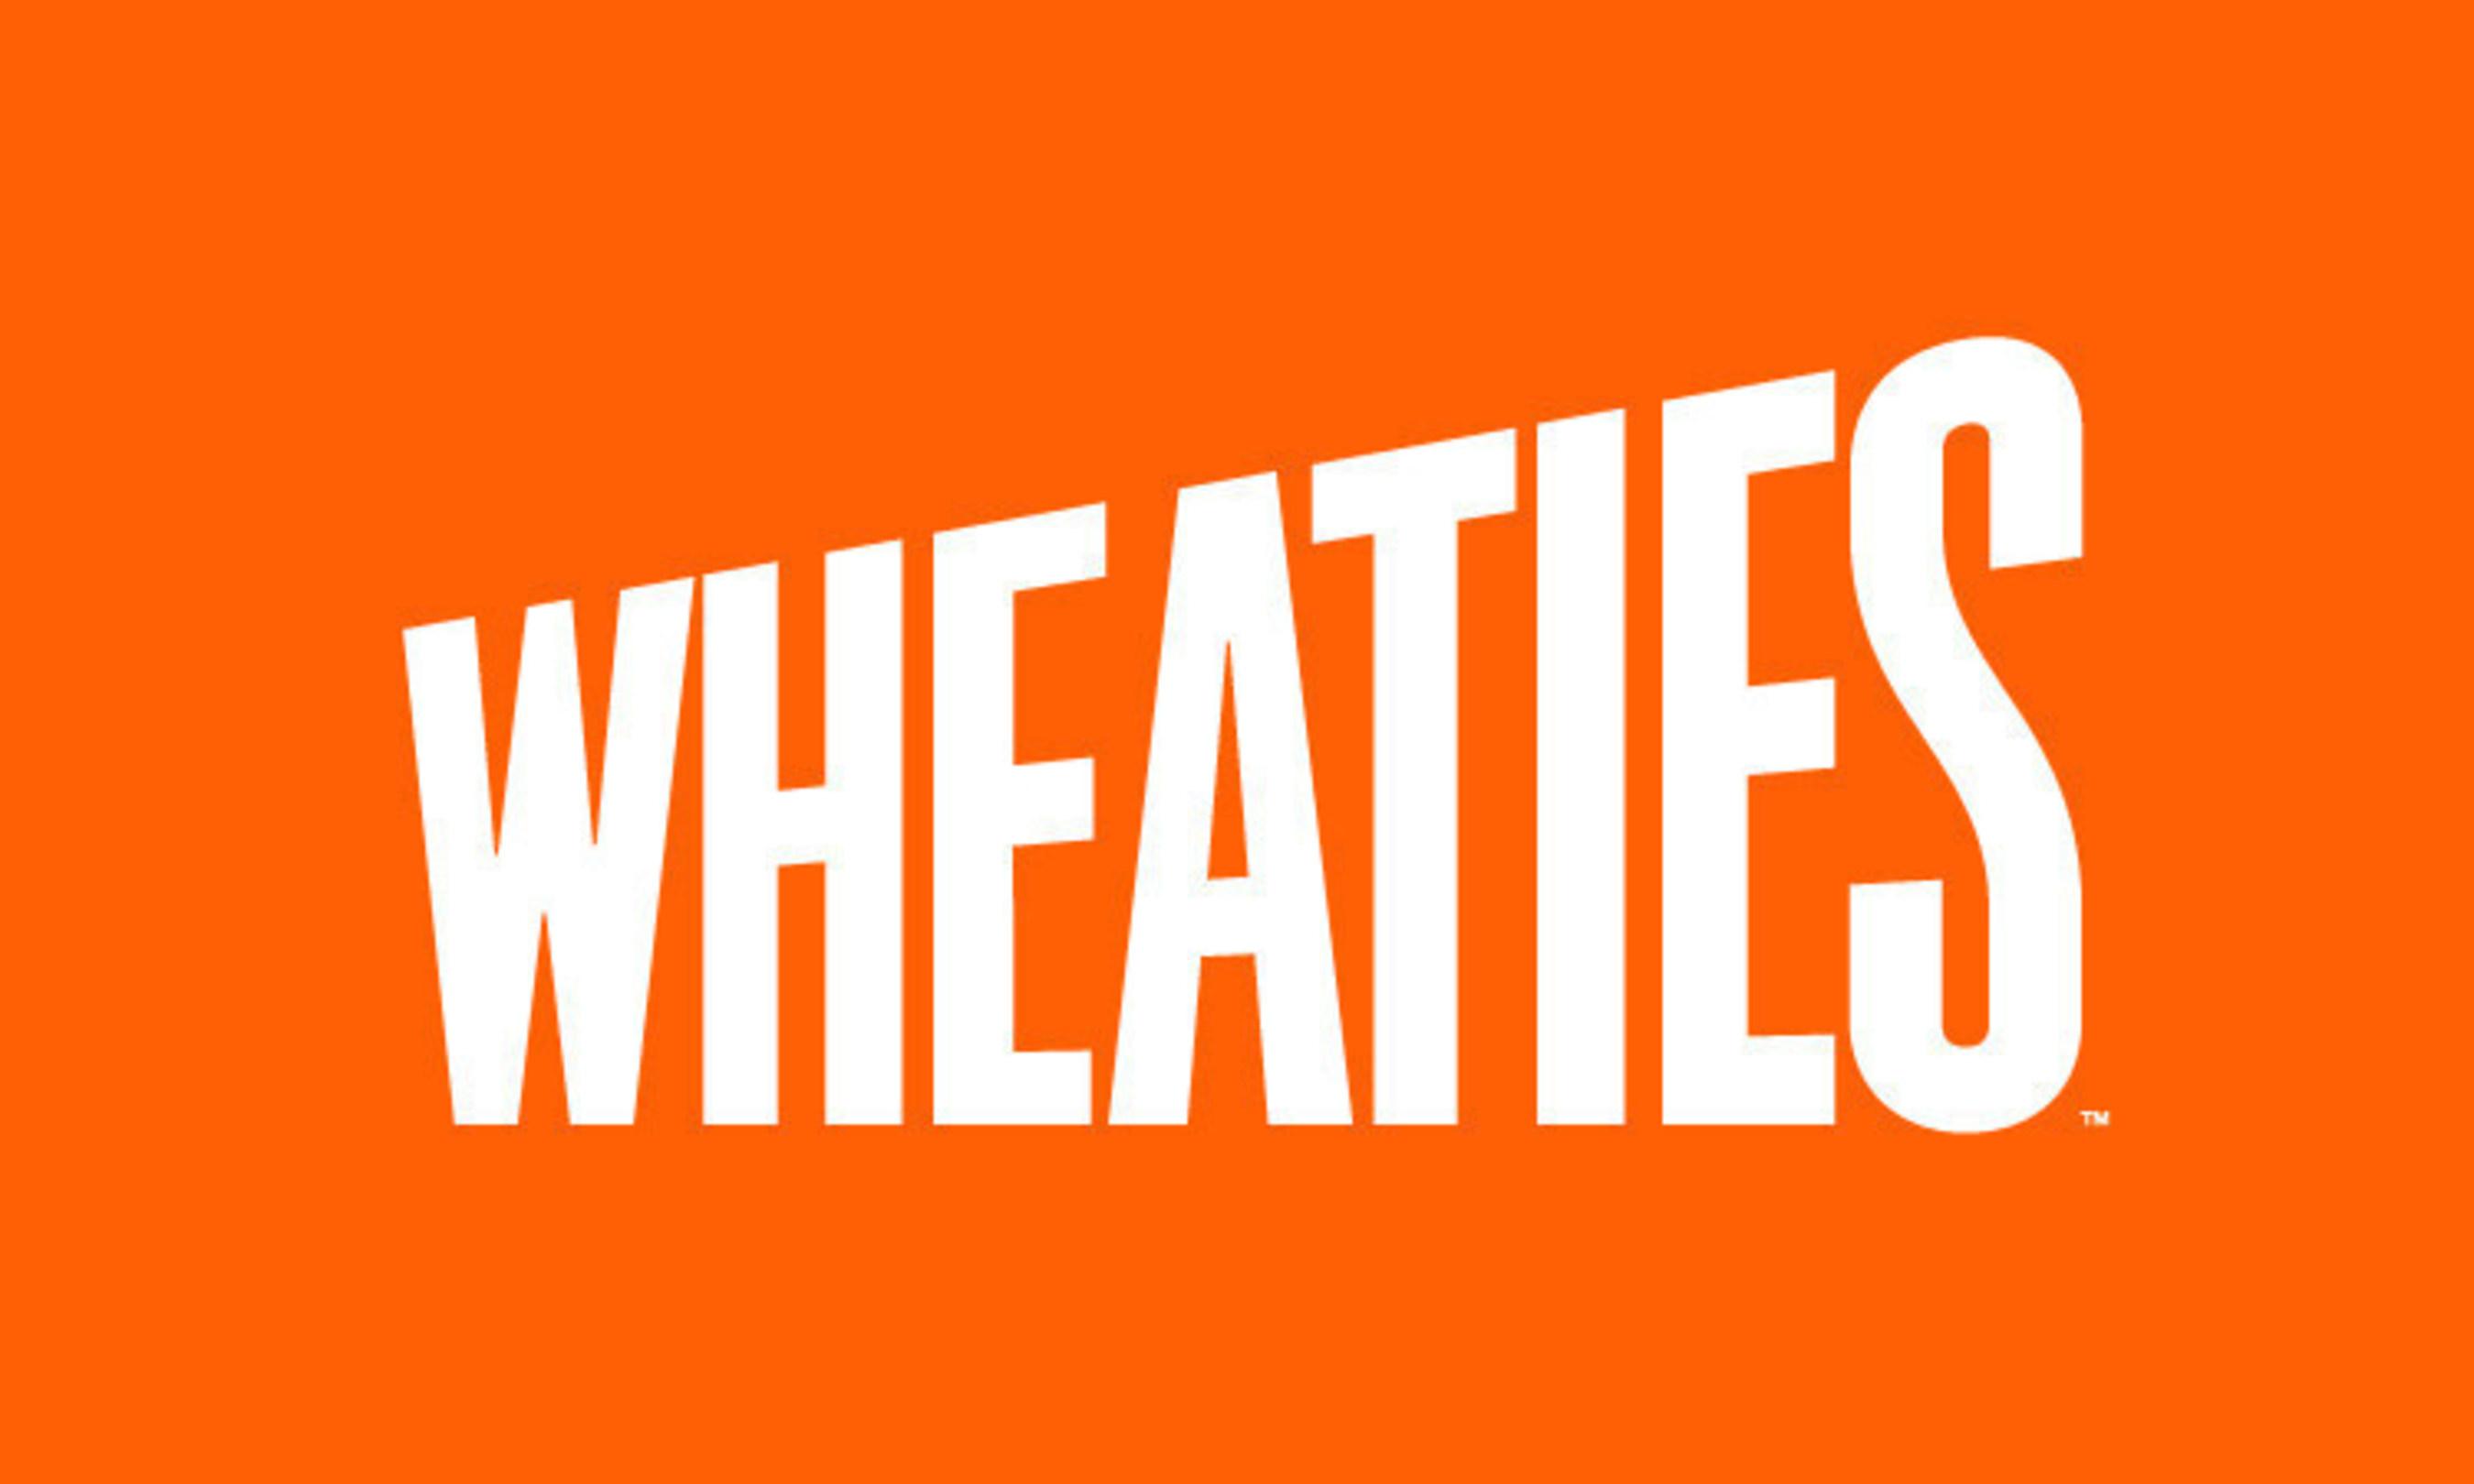 Wheaties.